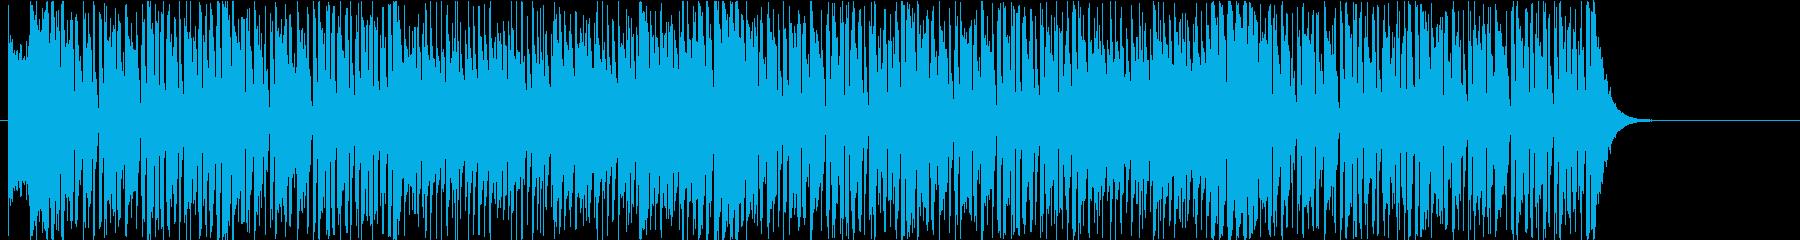 ショータイムの幕開け!という感じのBGMの再生済みの波形